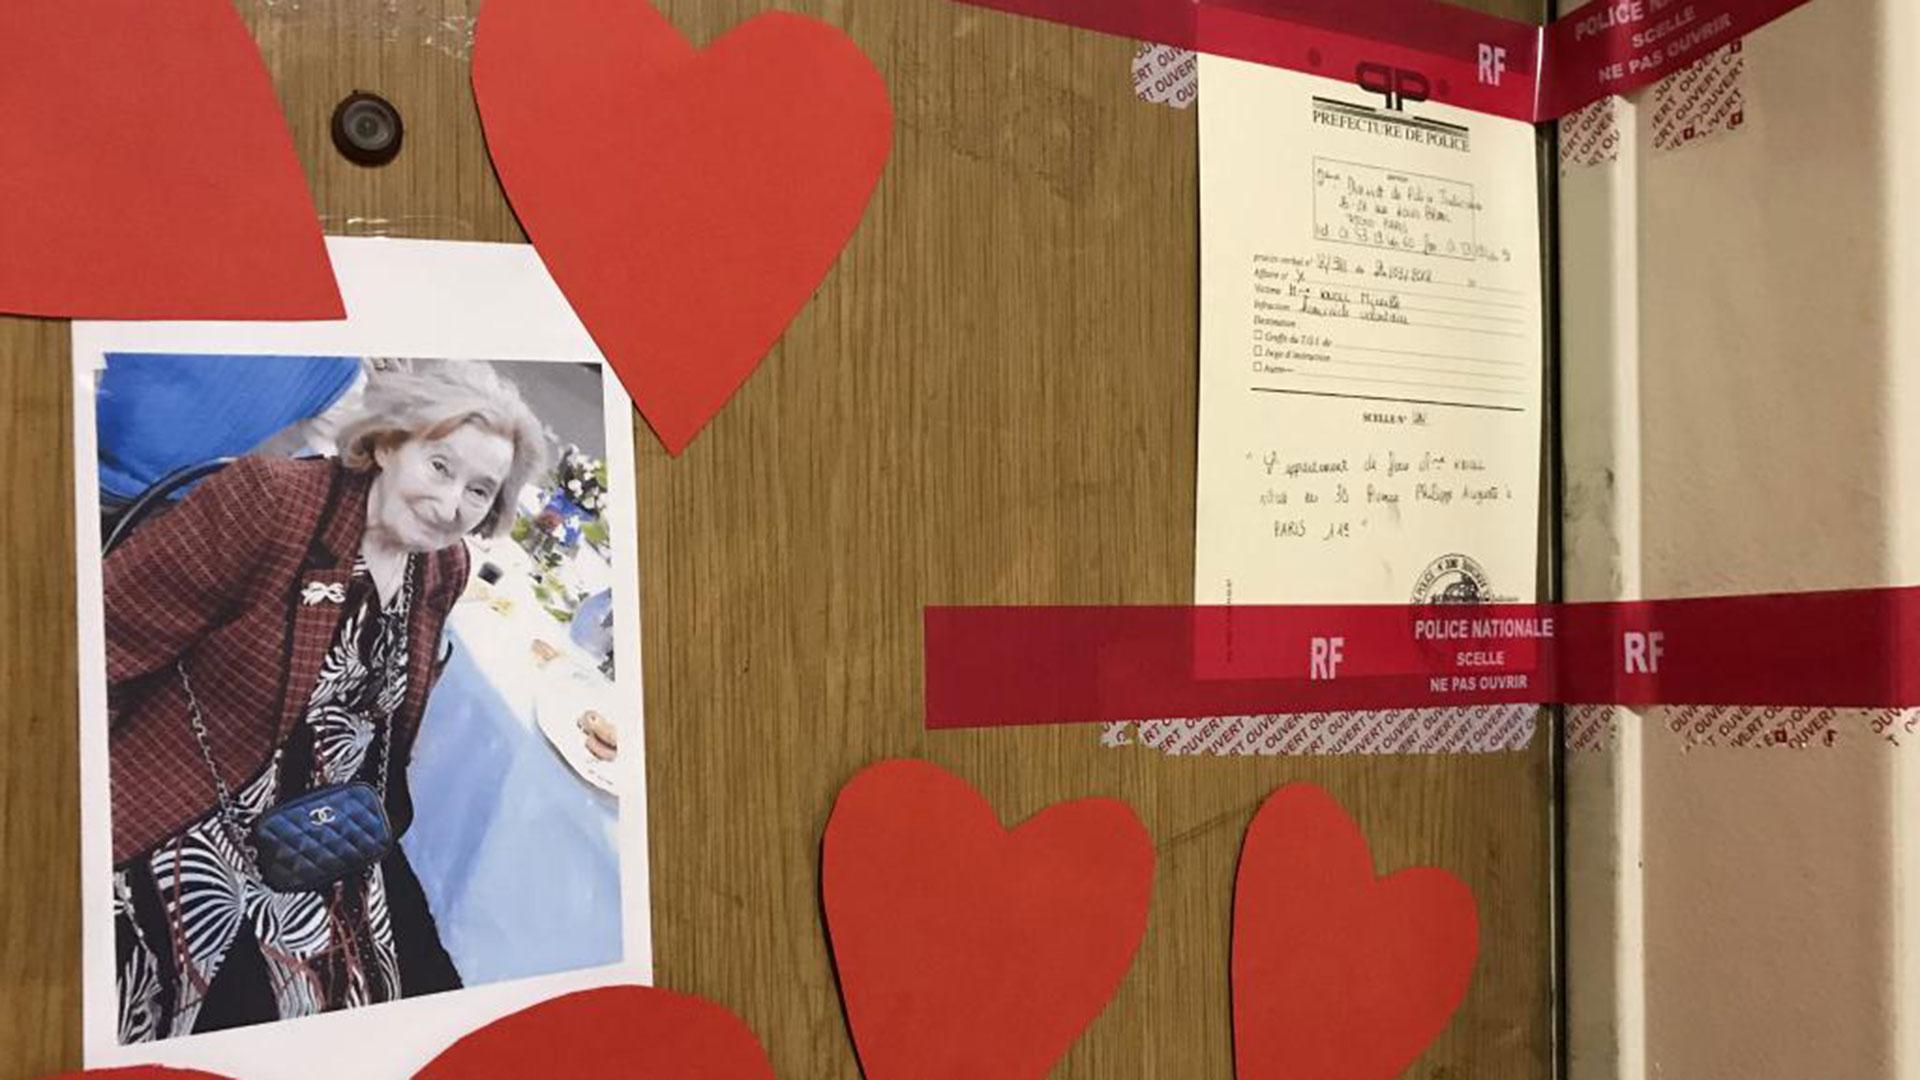 """Puerta del apartamento de Mireille Knoll, judía superviviente de la ocupación, asesinada en marzo de 2018 en París. Según el cómplice del asesino, fue apuñalada por Yacine, un joven que aseguraba que """"los judíos tienen una buena situación financiera"""". (Reuters)"""